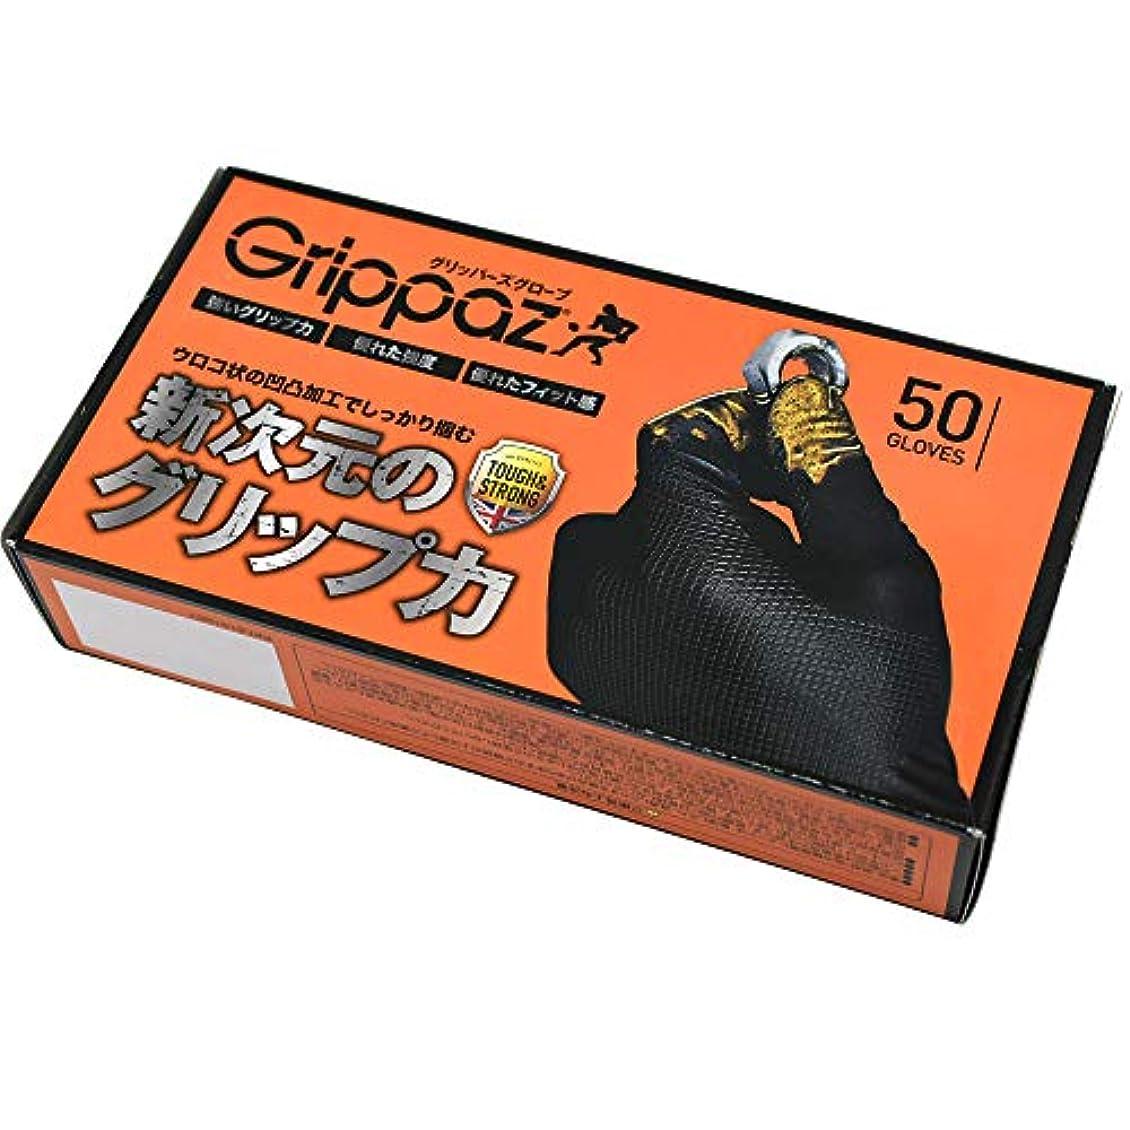 唯物論切手場所原田産業 ニトリル手袋 グリッパーズグローブ 50枚入 XLサイズ パウダーフリー 左右兼用 自動車整備 メンテナンス